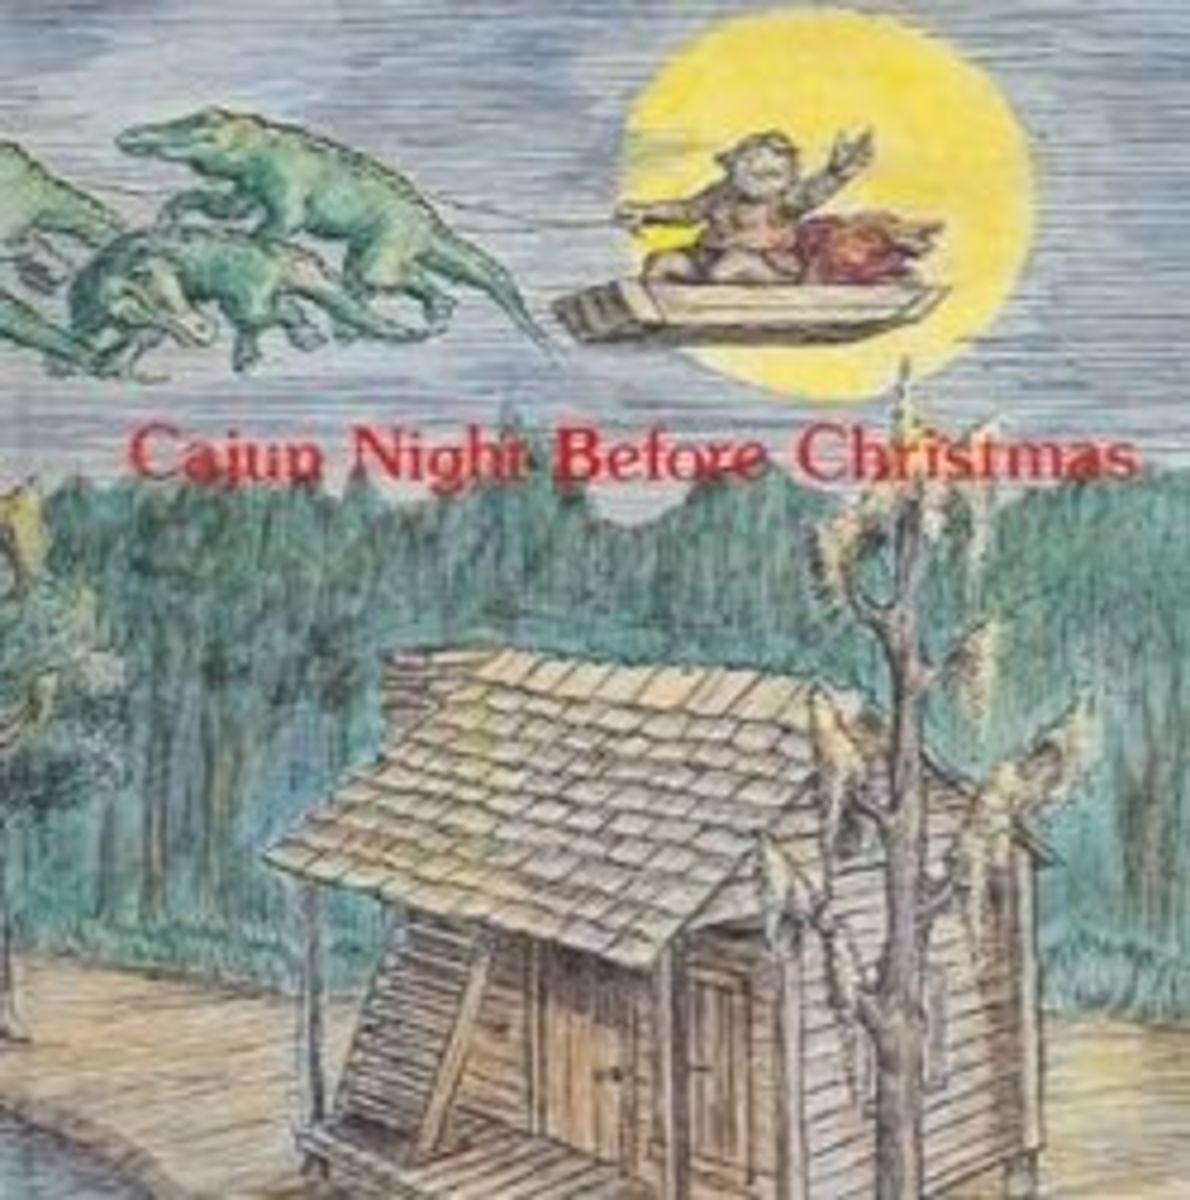 cajun-night-before-christmas